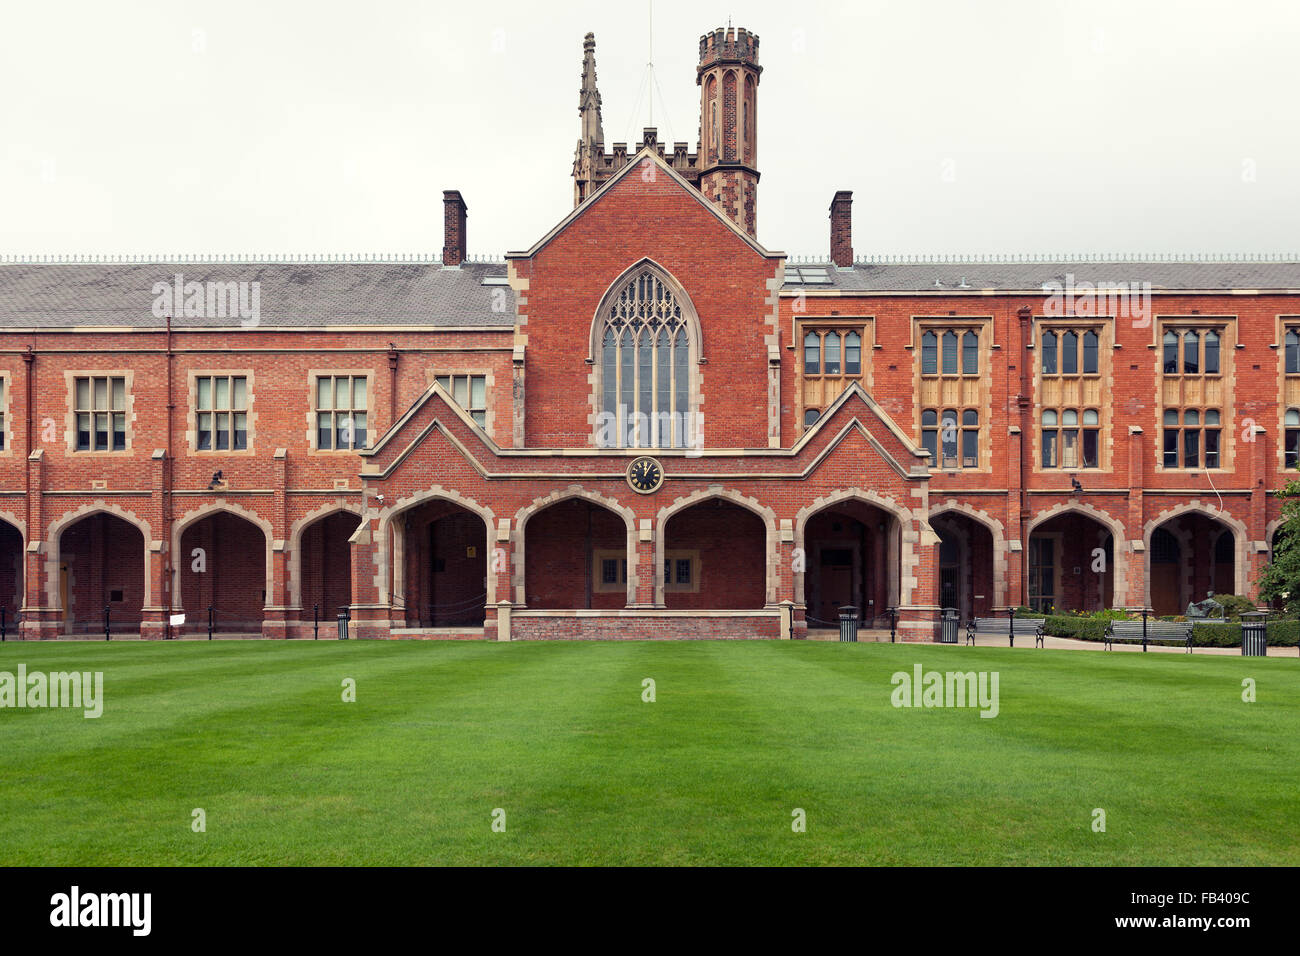 Queen's University in Belfast, Northern Ireland Stock Photo